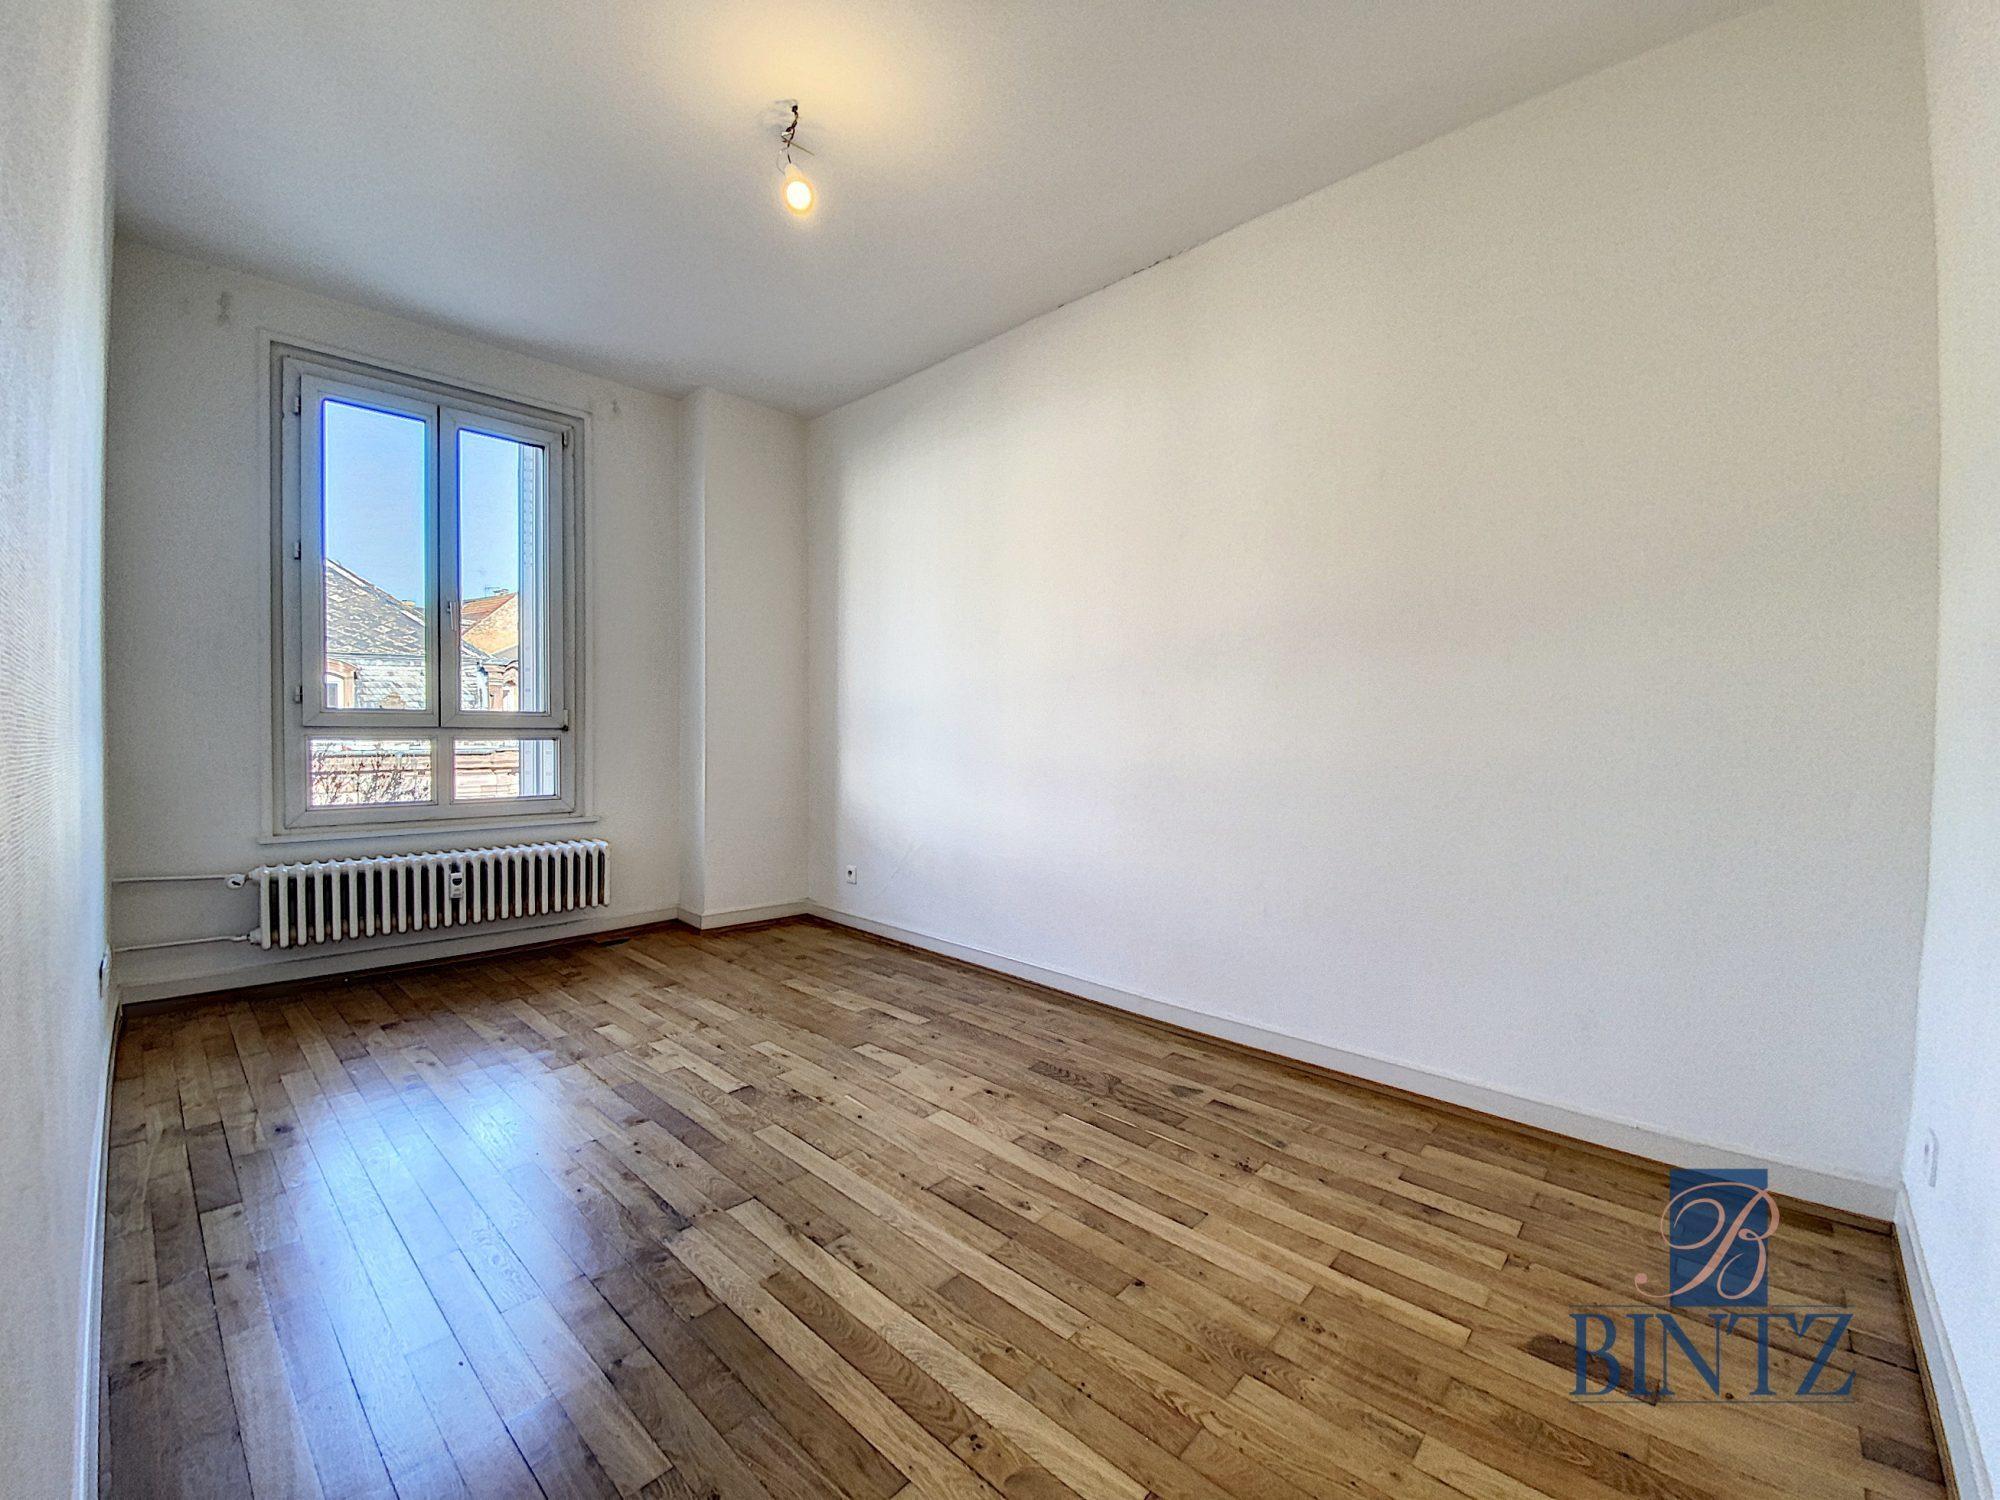 Grand 3 pièces HYPERCENTRE - Devenez locataire en toute sérénité - Bintz Immobilier - 9